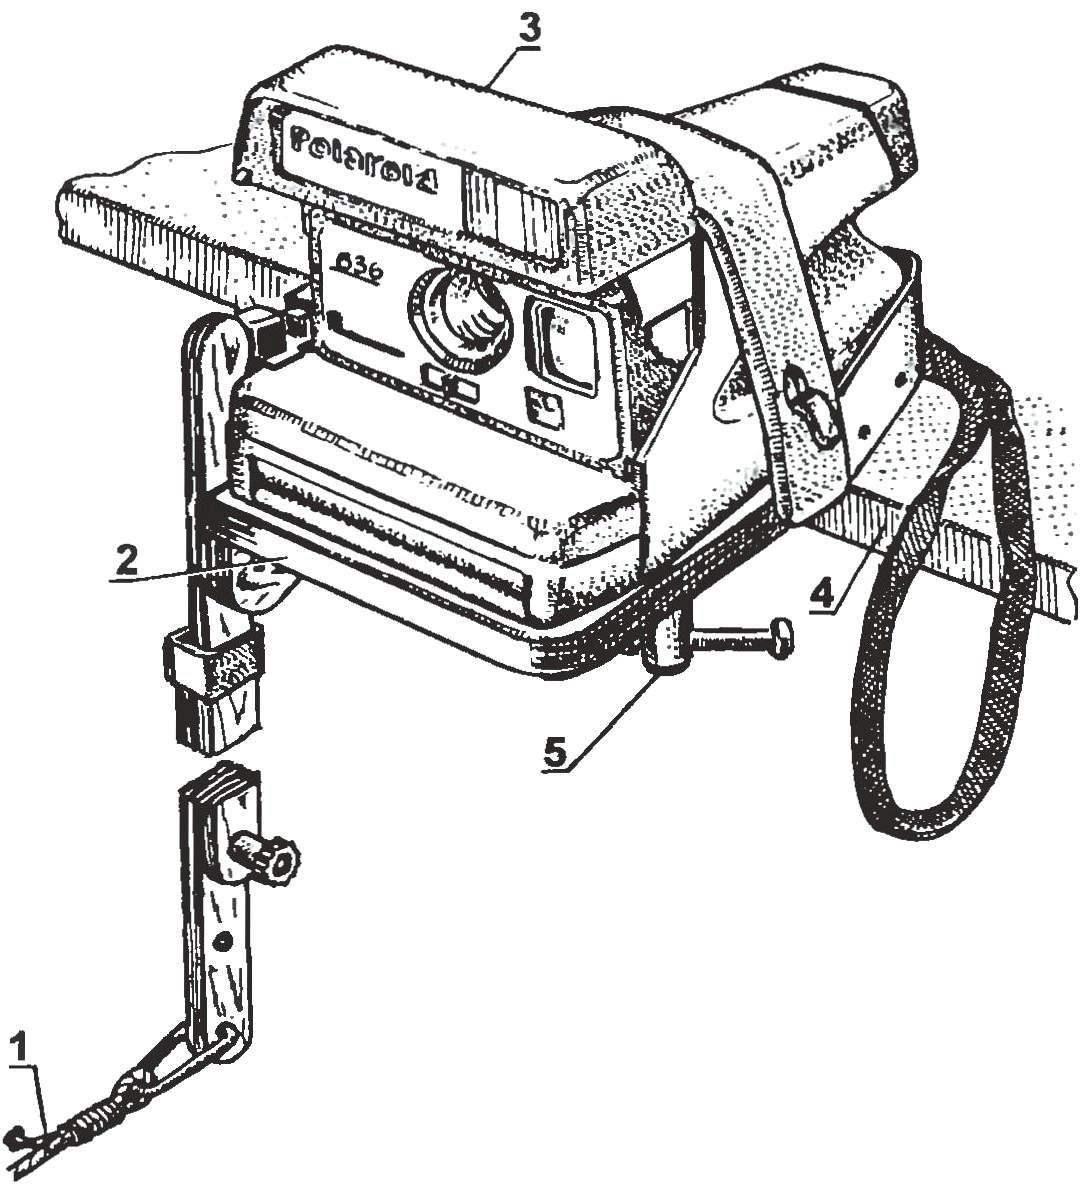 Фотокамера «Polaroid» с приспособлением для самофотосъемки